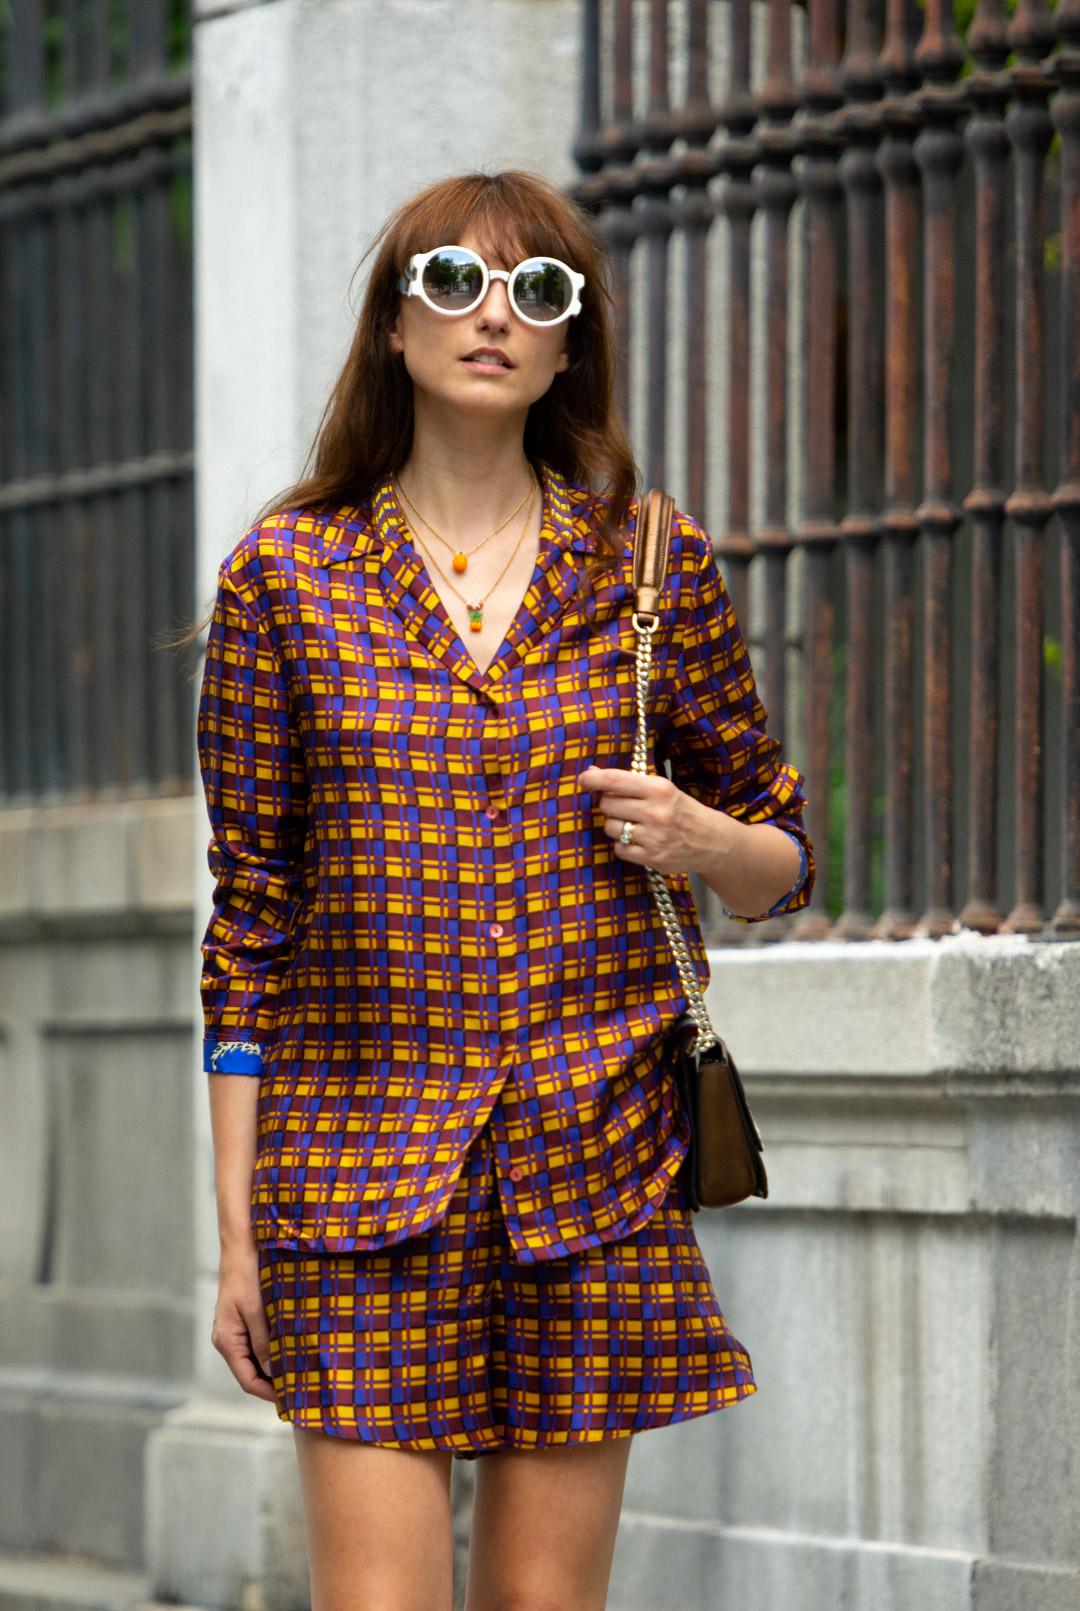 pijama-street-style-mayte-de-la-iglesia-web-04